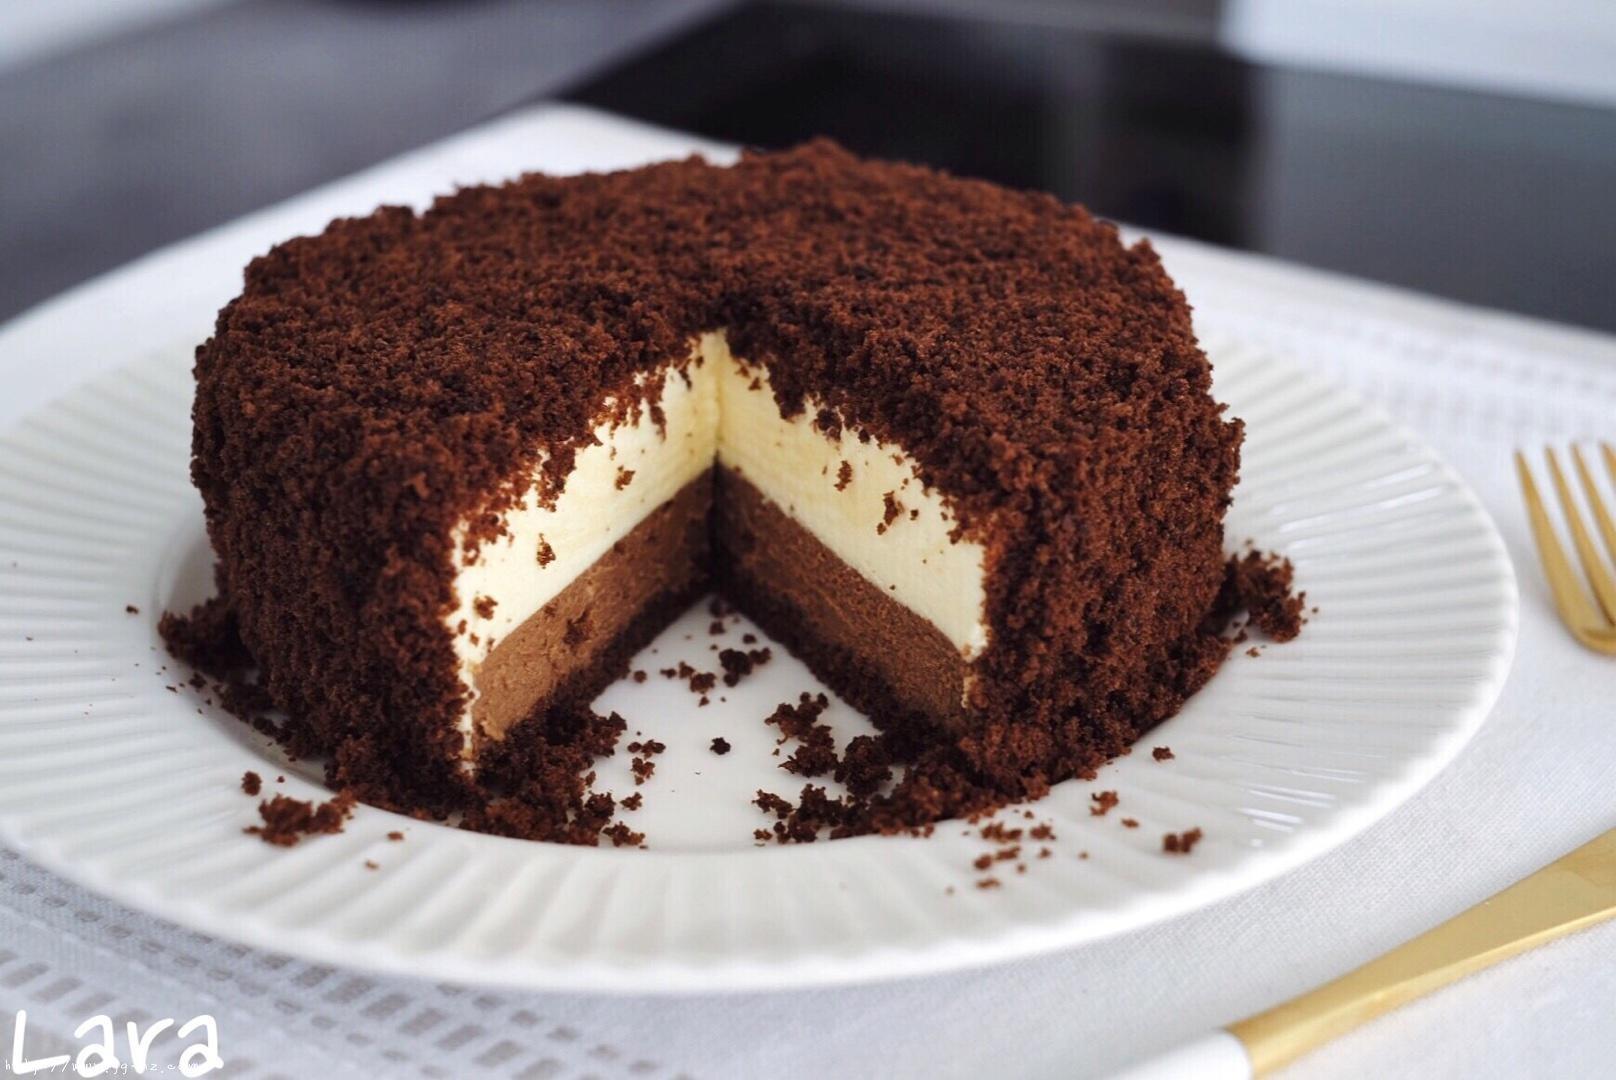 <LeTao> 巧克力双层芝士蛋糕配方大公开!!的做法 步骤21